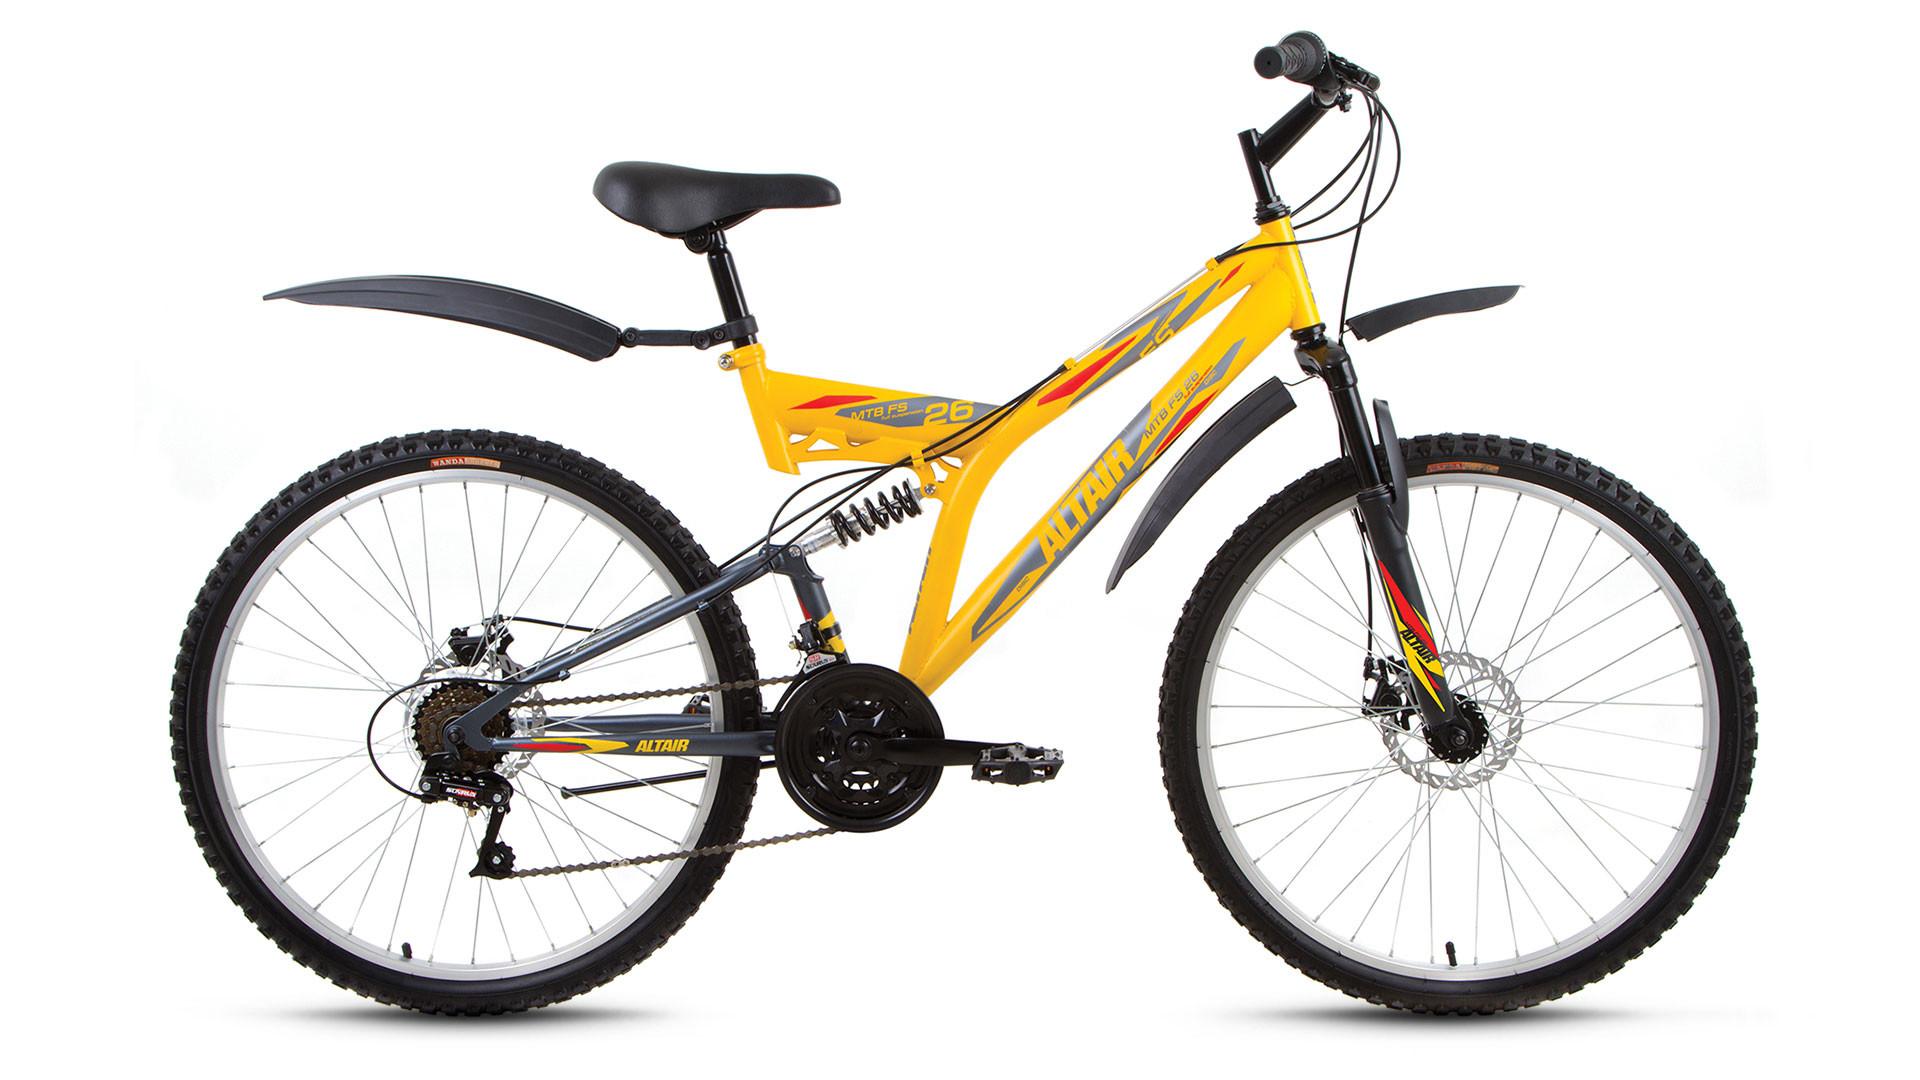 """Двухподвесный велосипед Altair MTB FS Disc 2017 рама 18"""" желтый/серый"""